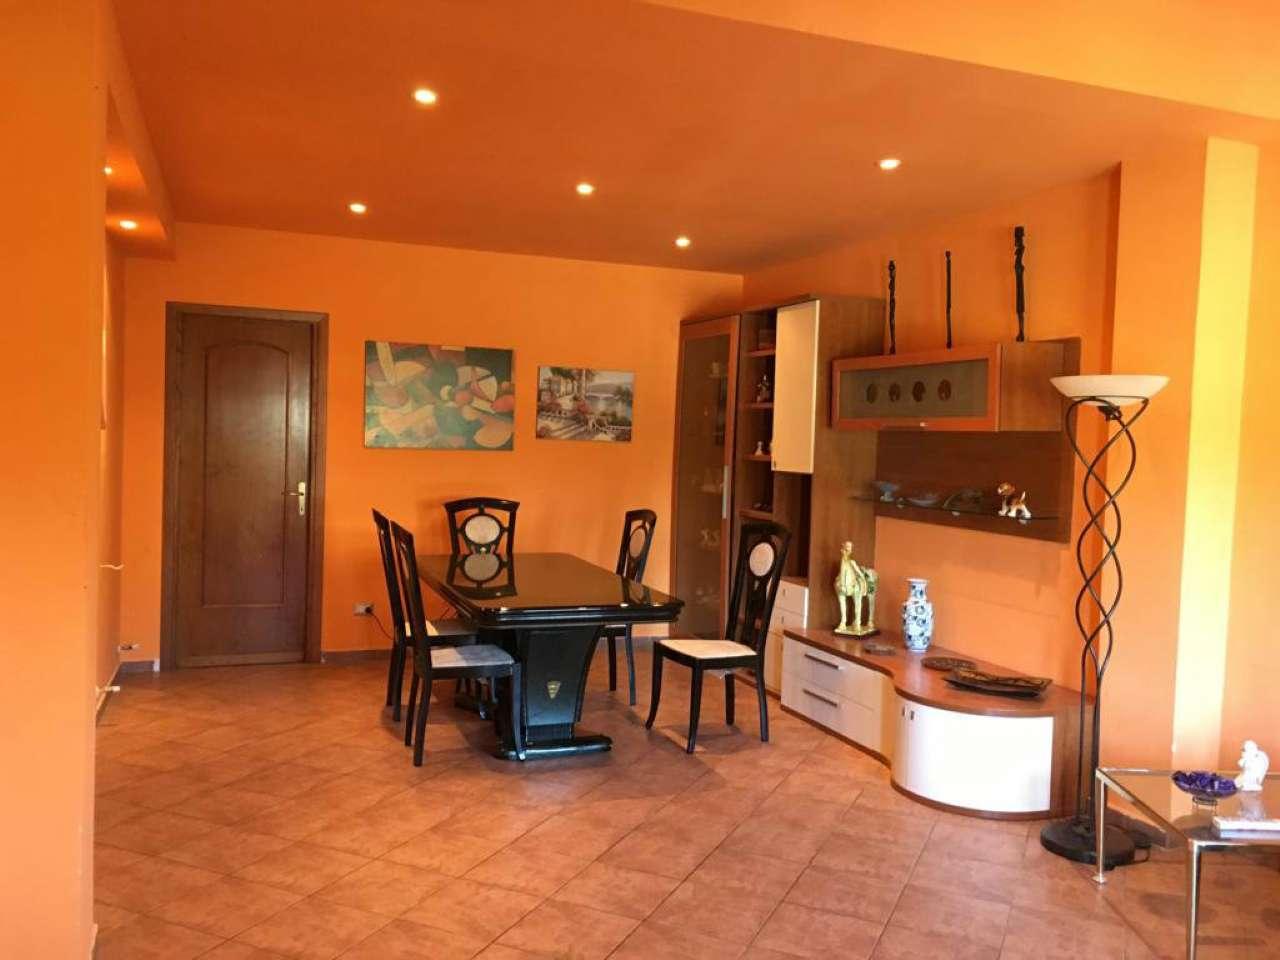 Appartamento in vendita a Valmontone, 3 locali, prezzo € 130.000 | CambioCasa.it